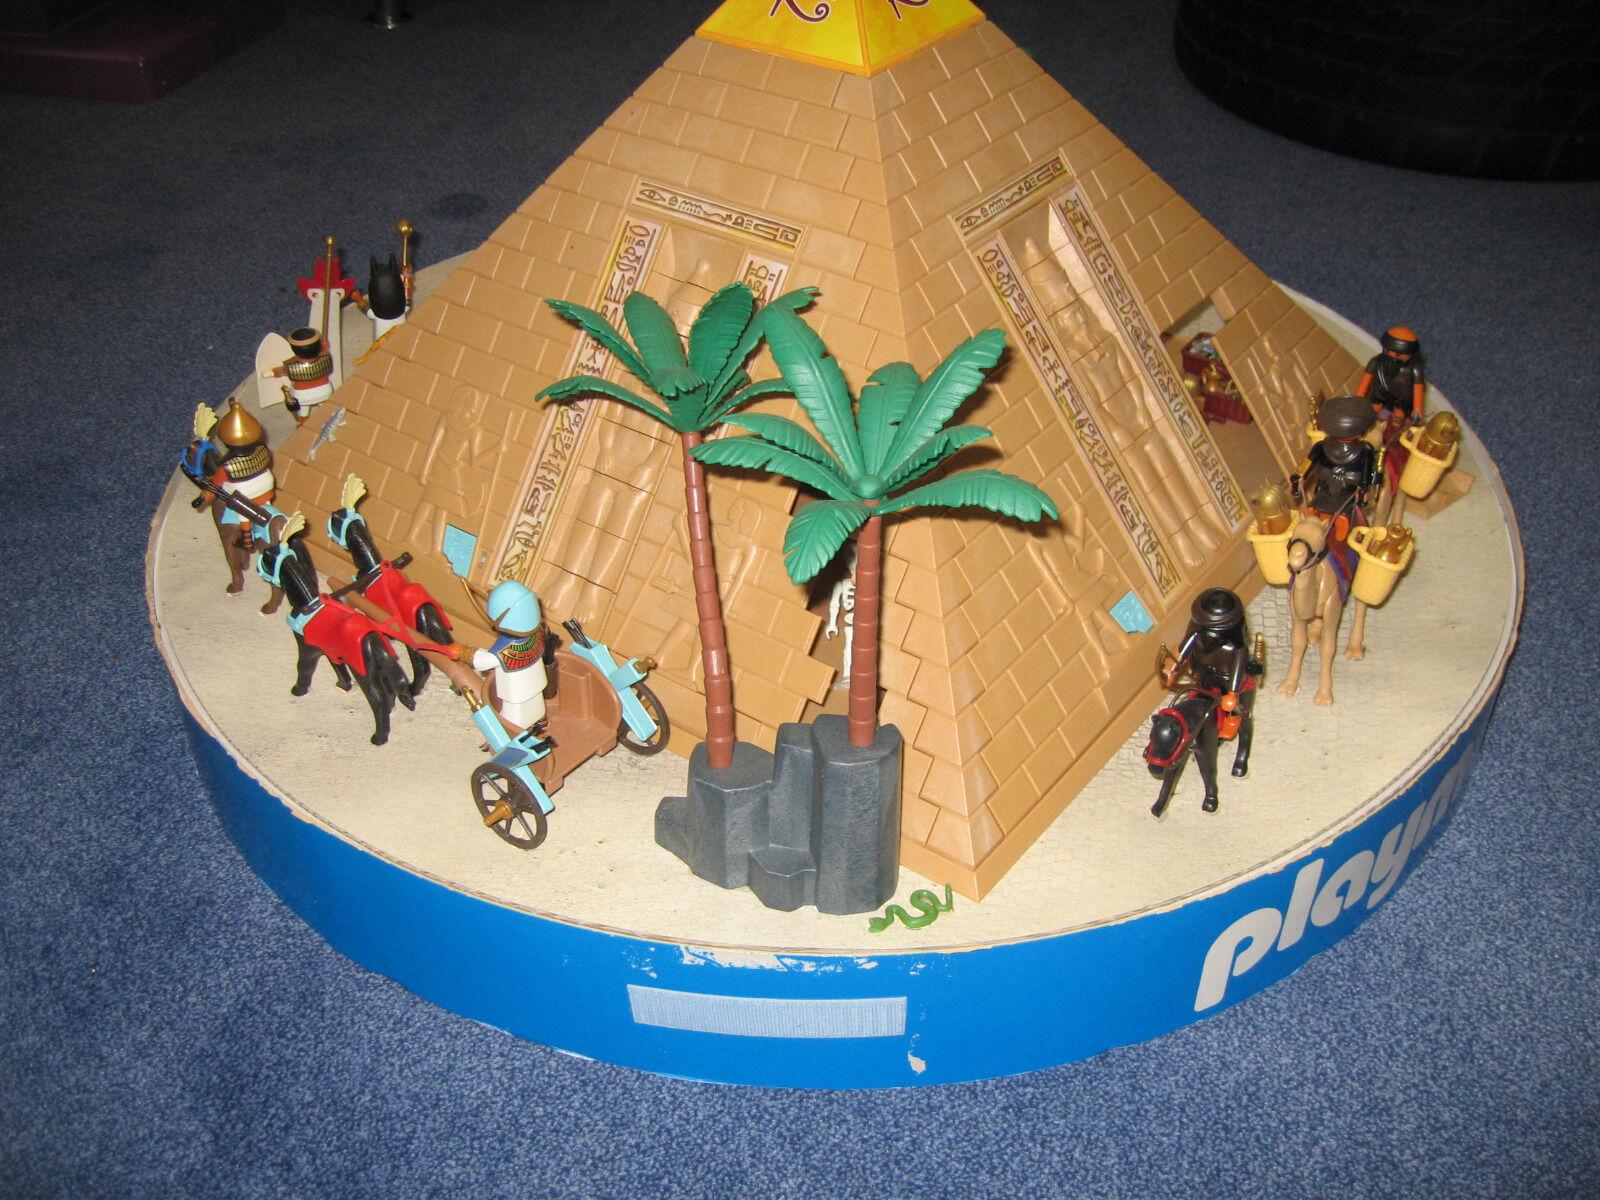 Playmobil Streitwagen Display Ägypten Pyramide Grabräuber Streitwagen Playmobil 80 cm 48358c